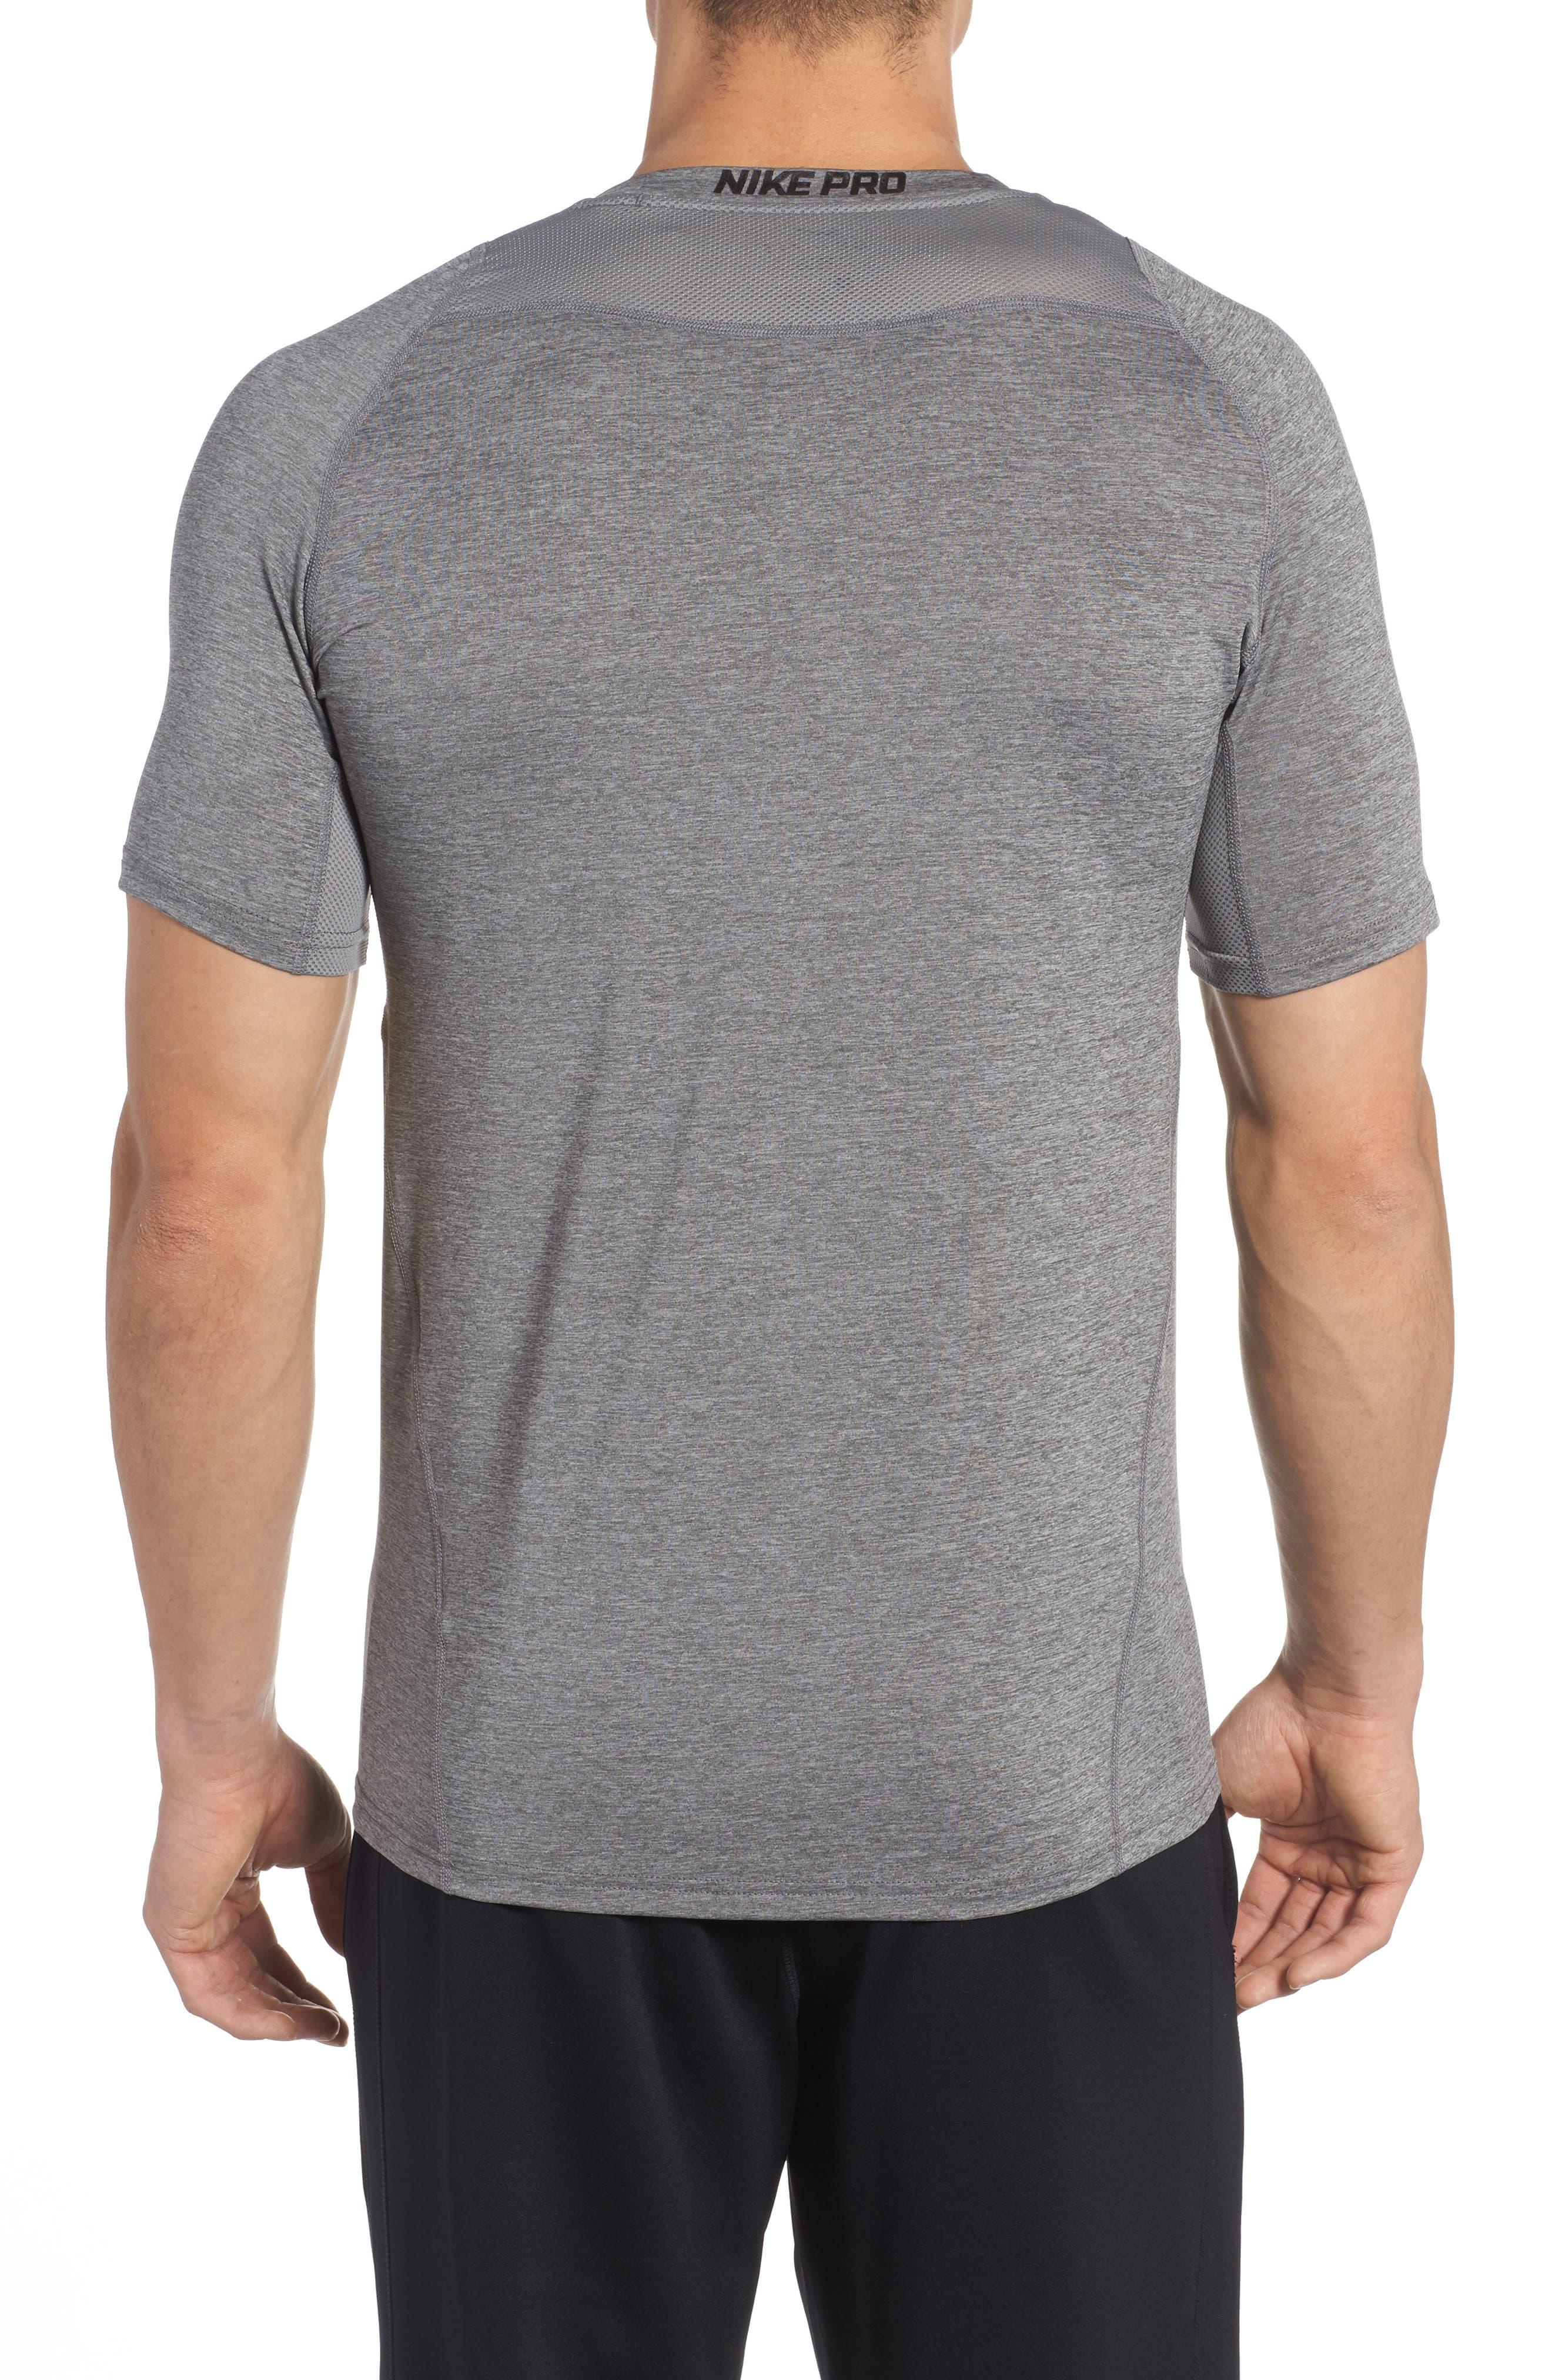 7dac2e00bd45bd Men s Nike T-Shirts